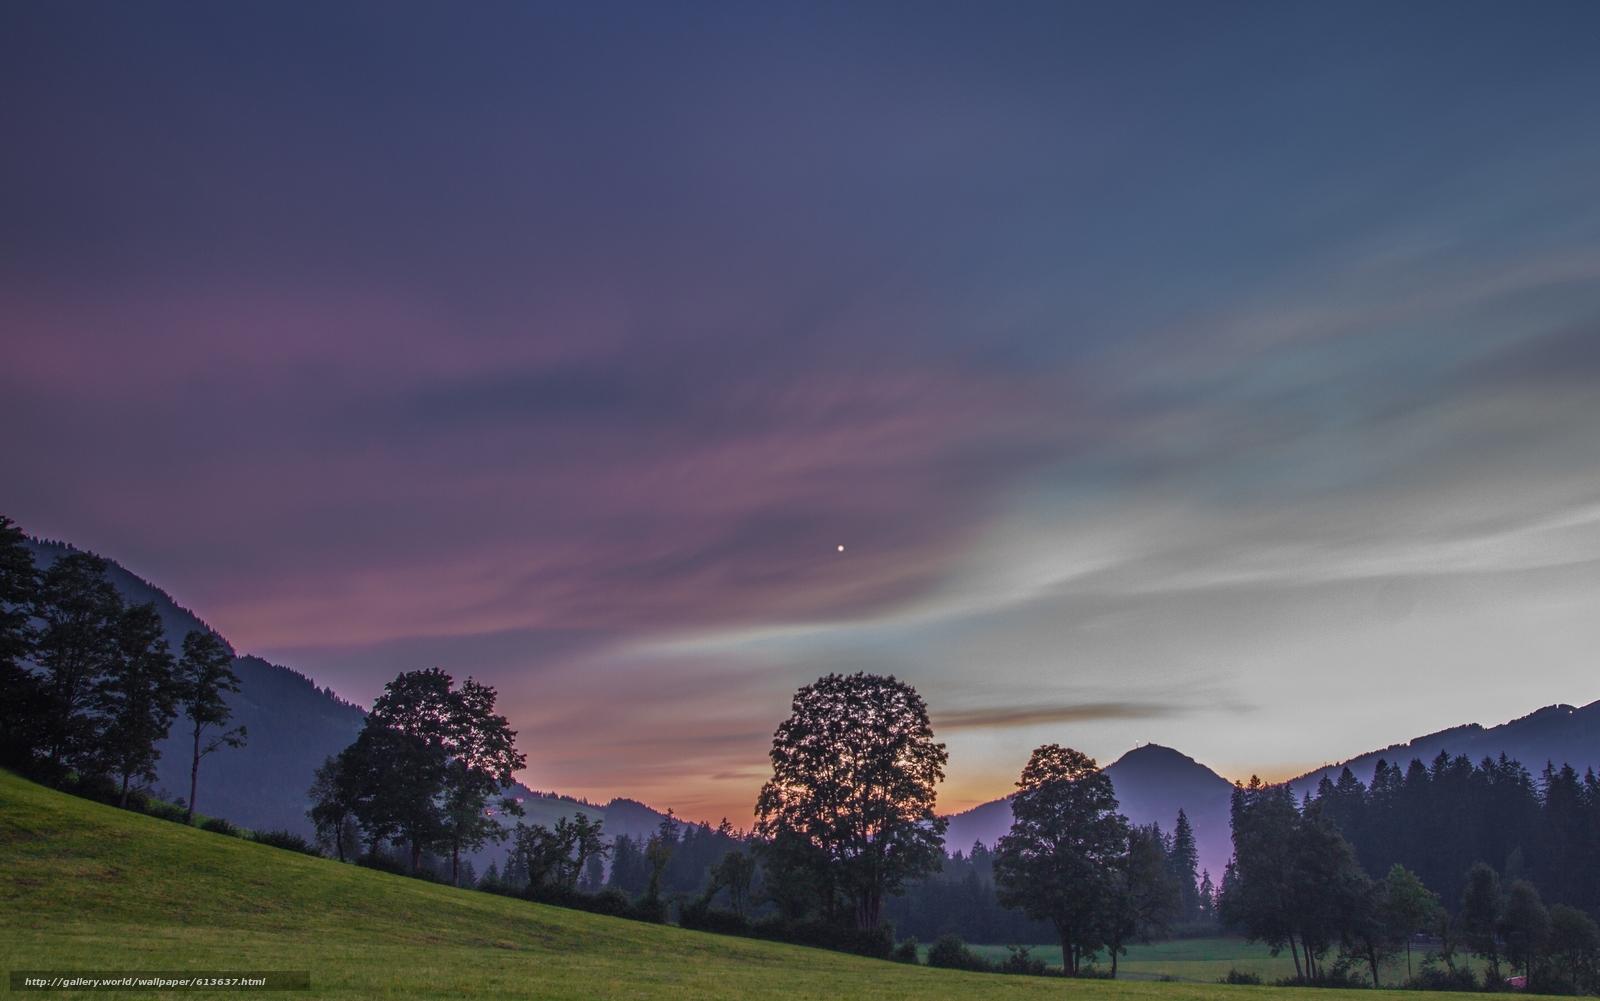 Скачать обои Kitzbuhel,  Tyrol,  Austria,  Alps бесплатно для рабочего стола в разрешении 2880x1801 — картинка №613637